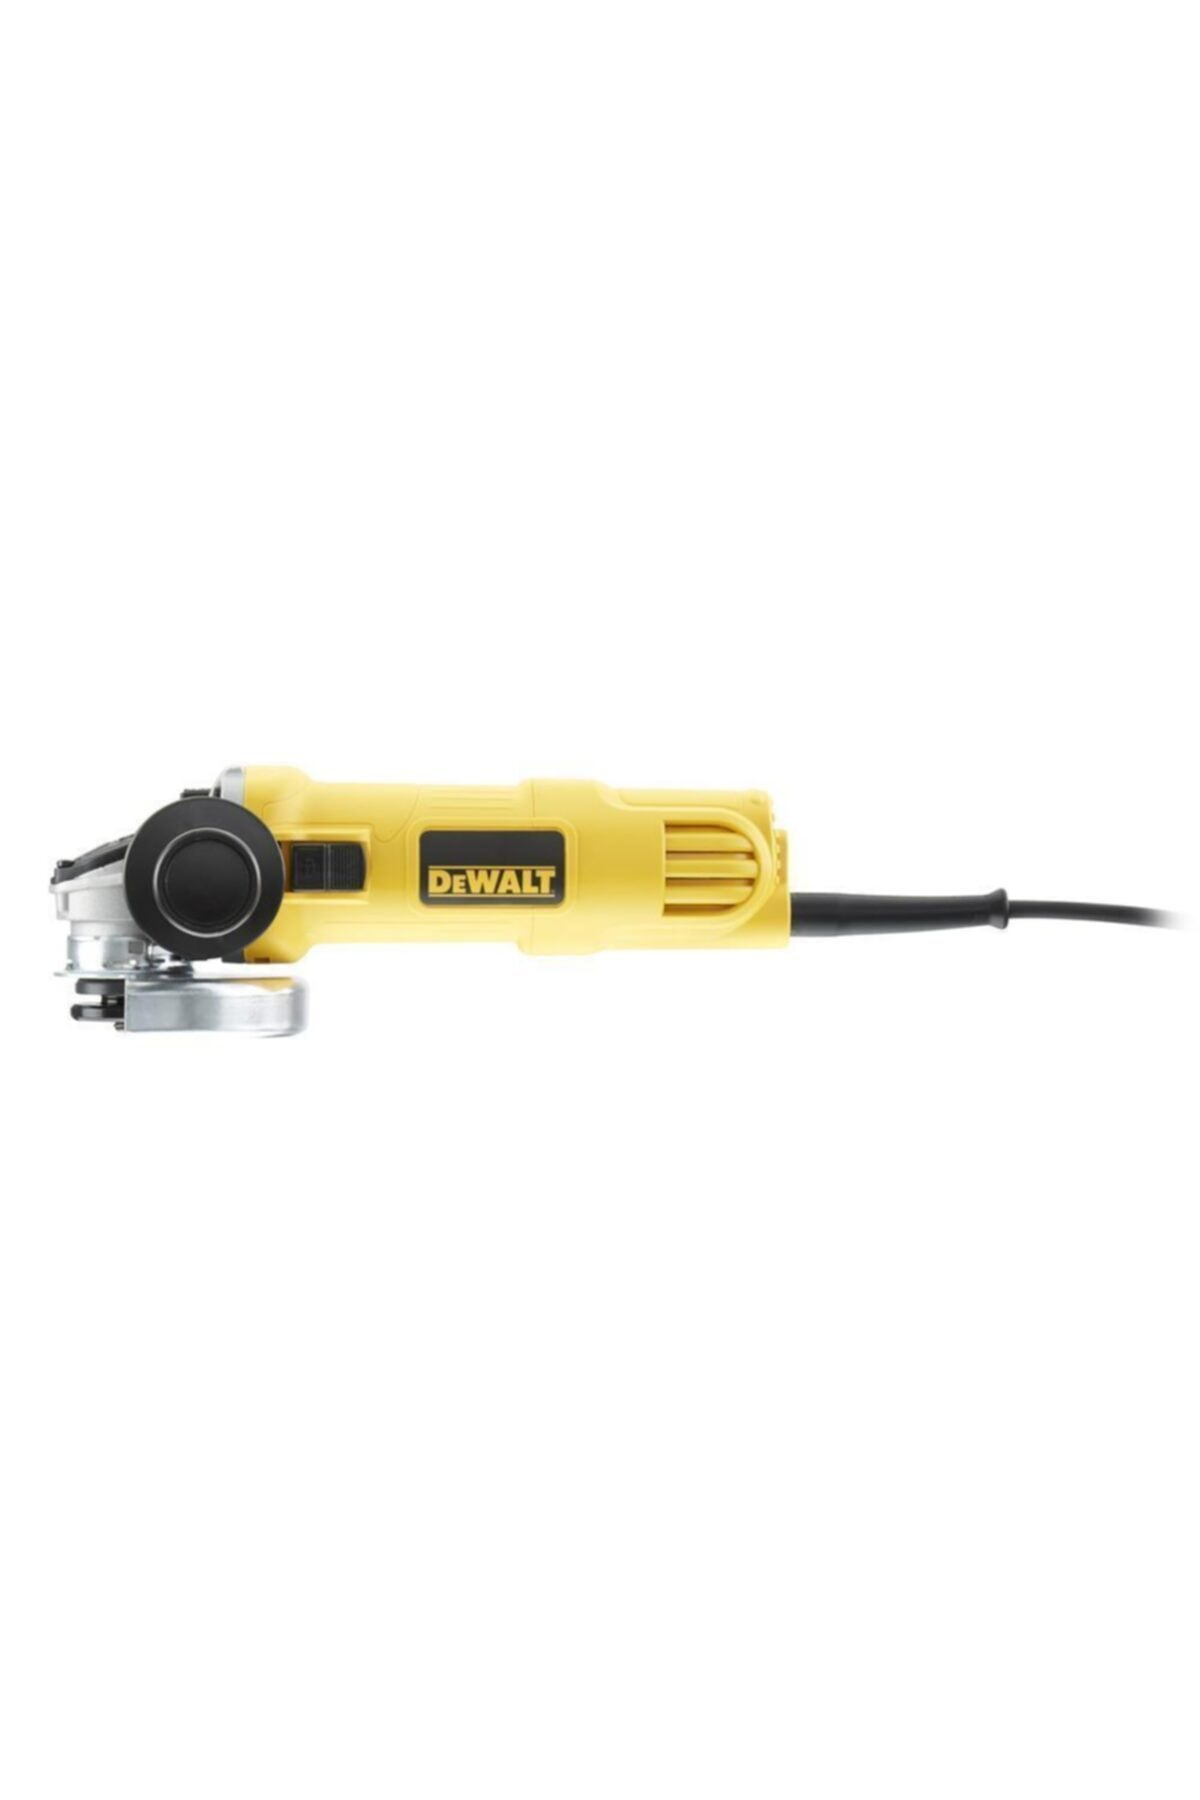 Dewalt Dwe4056 800 Watt 115 Mm Avuç Taşlama 2